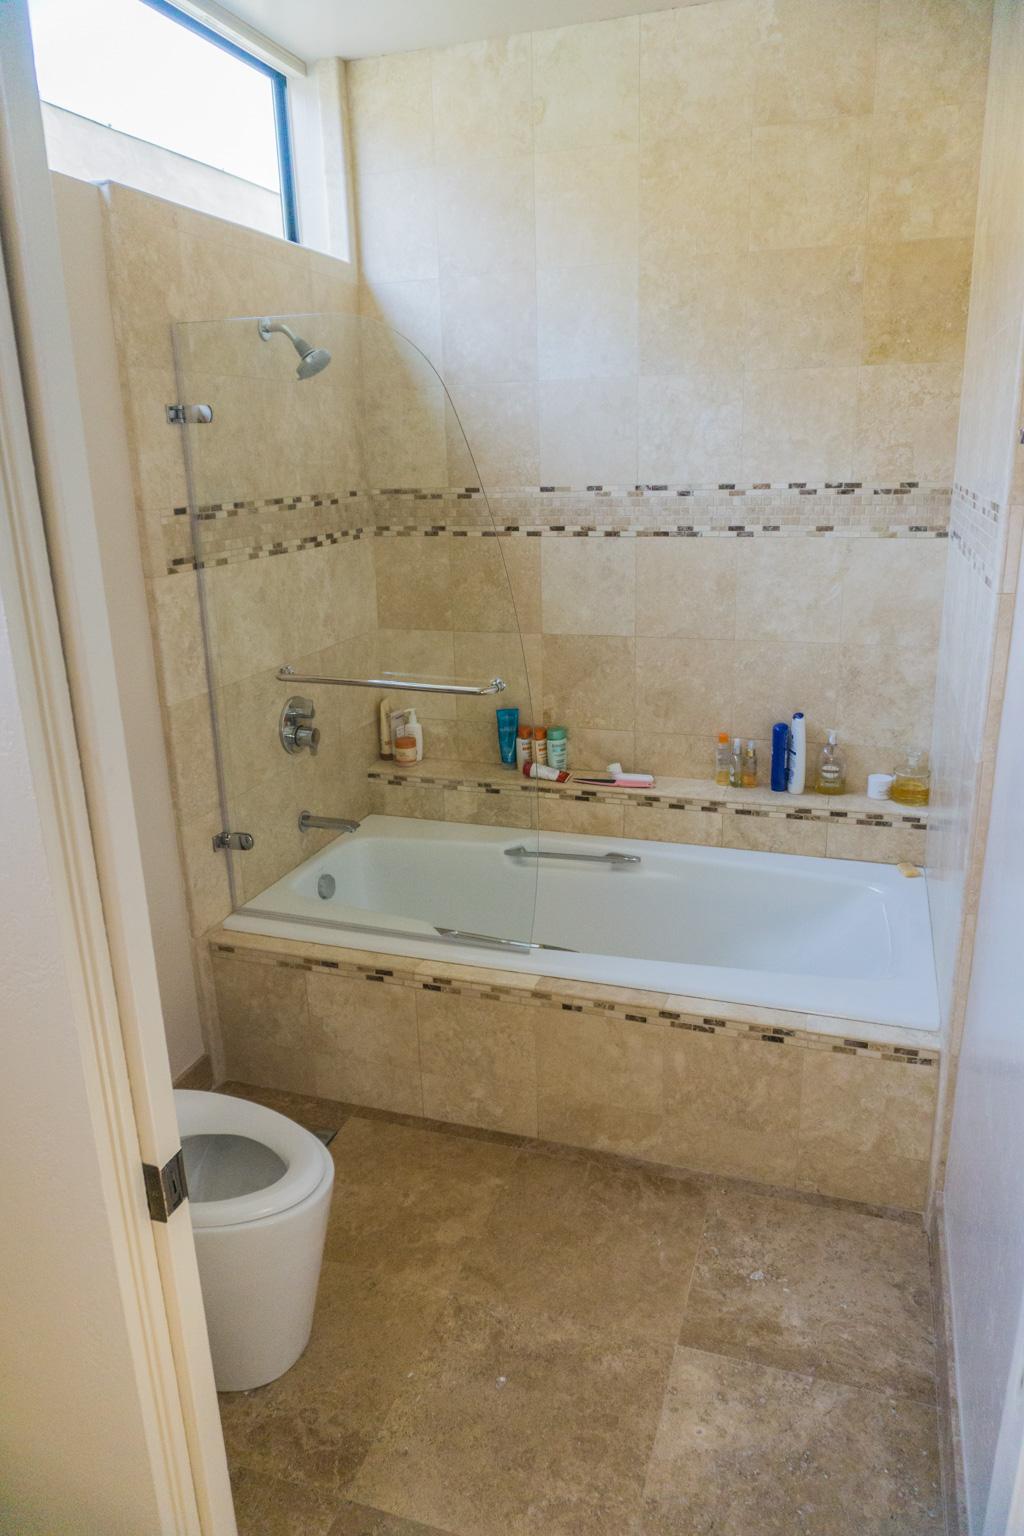 La Jolla Beach Condo Bath Remodel  Danilo Nesovic Designer  Builder  Kitchen  Bath